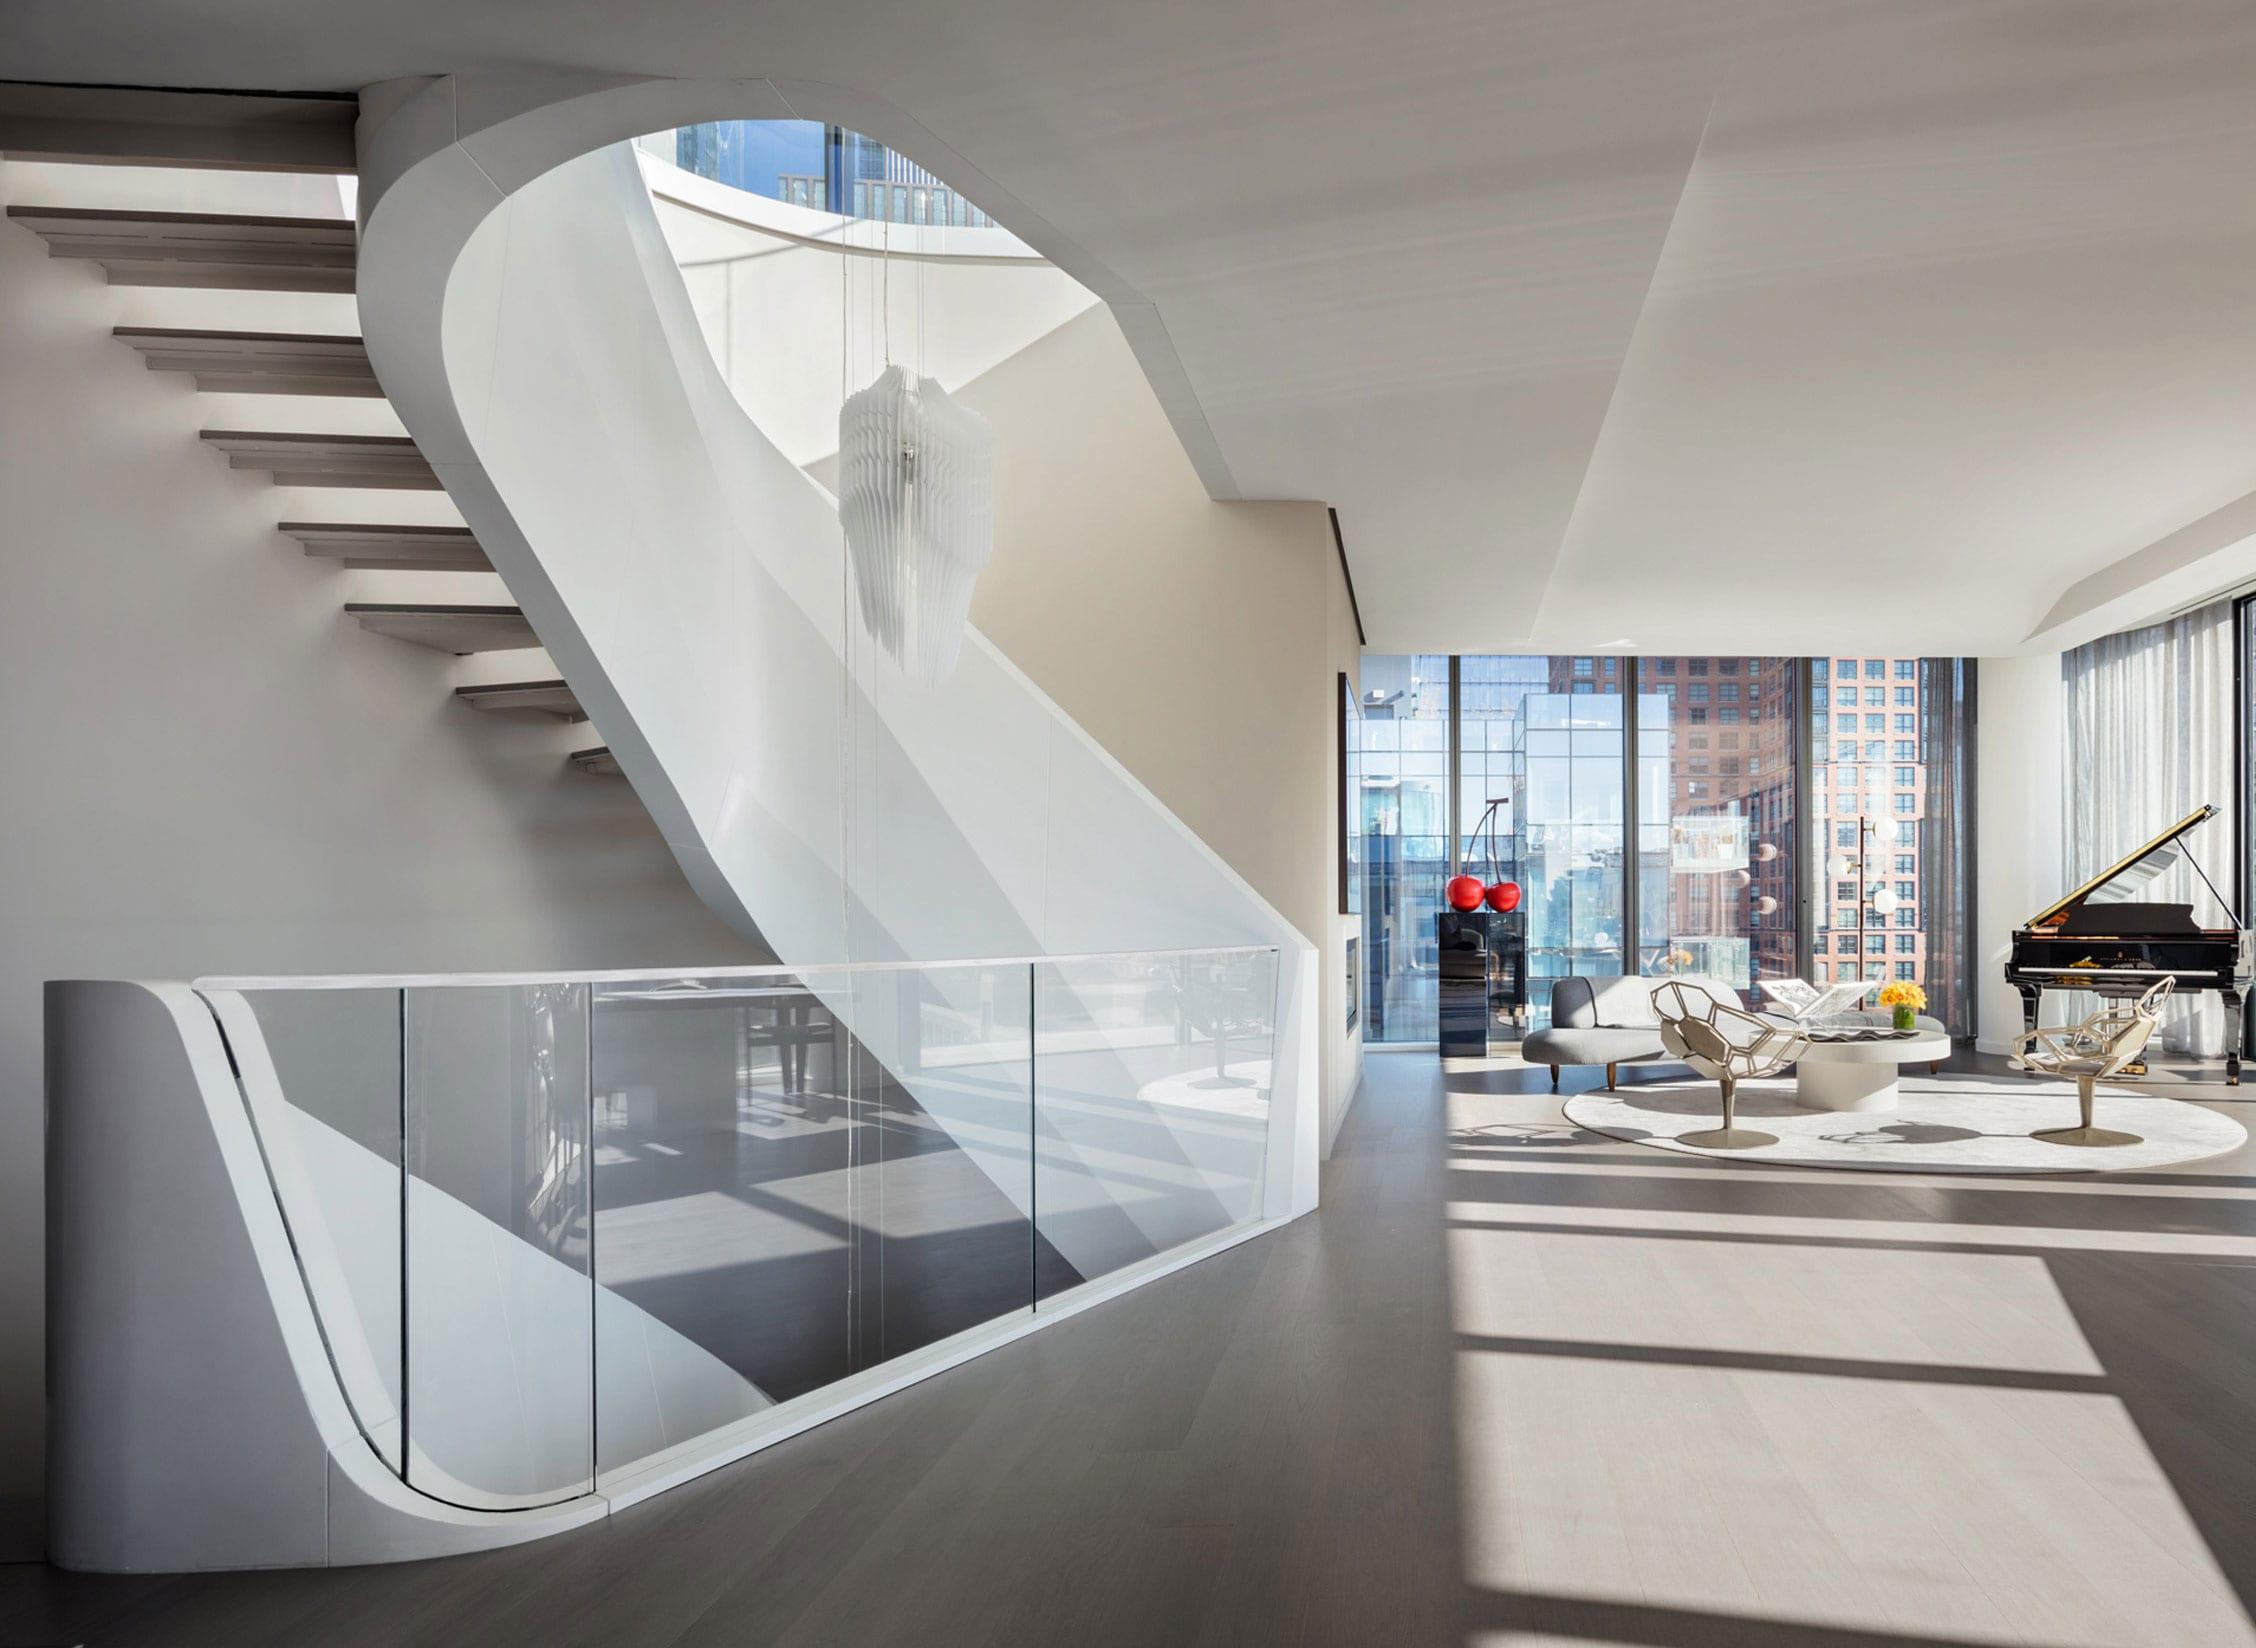 eine maisonette-traumwohnung mit offenem wohnzimmer und attraktiver innentreppe mit geländer aus glas und weißem metall in hochglanz